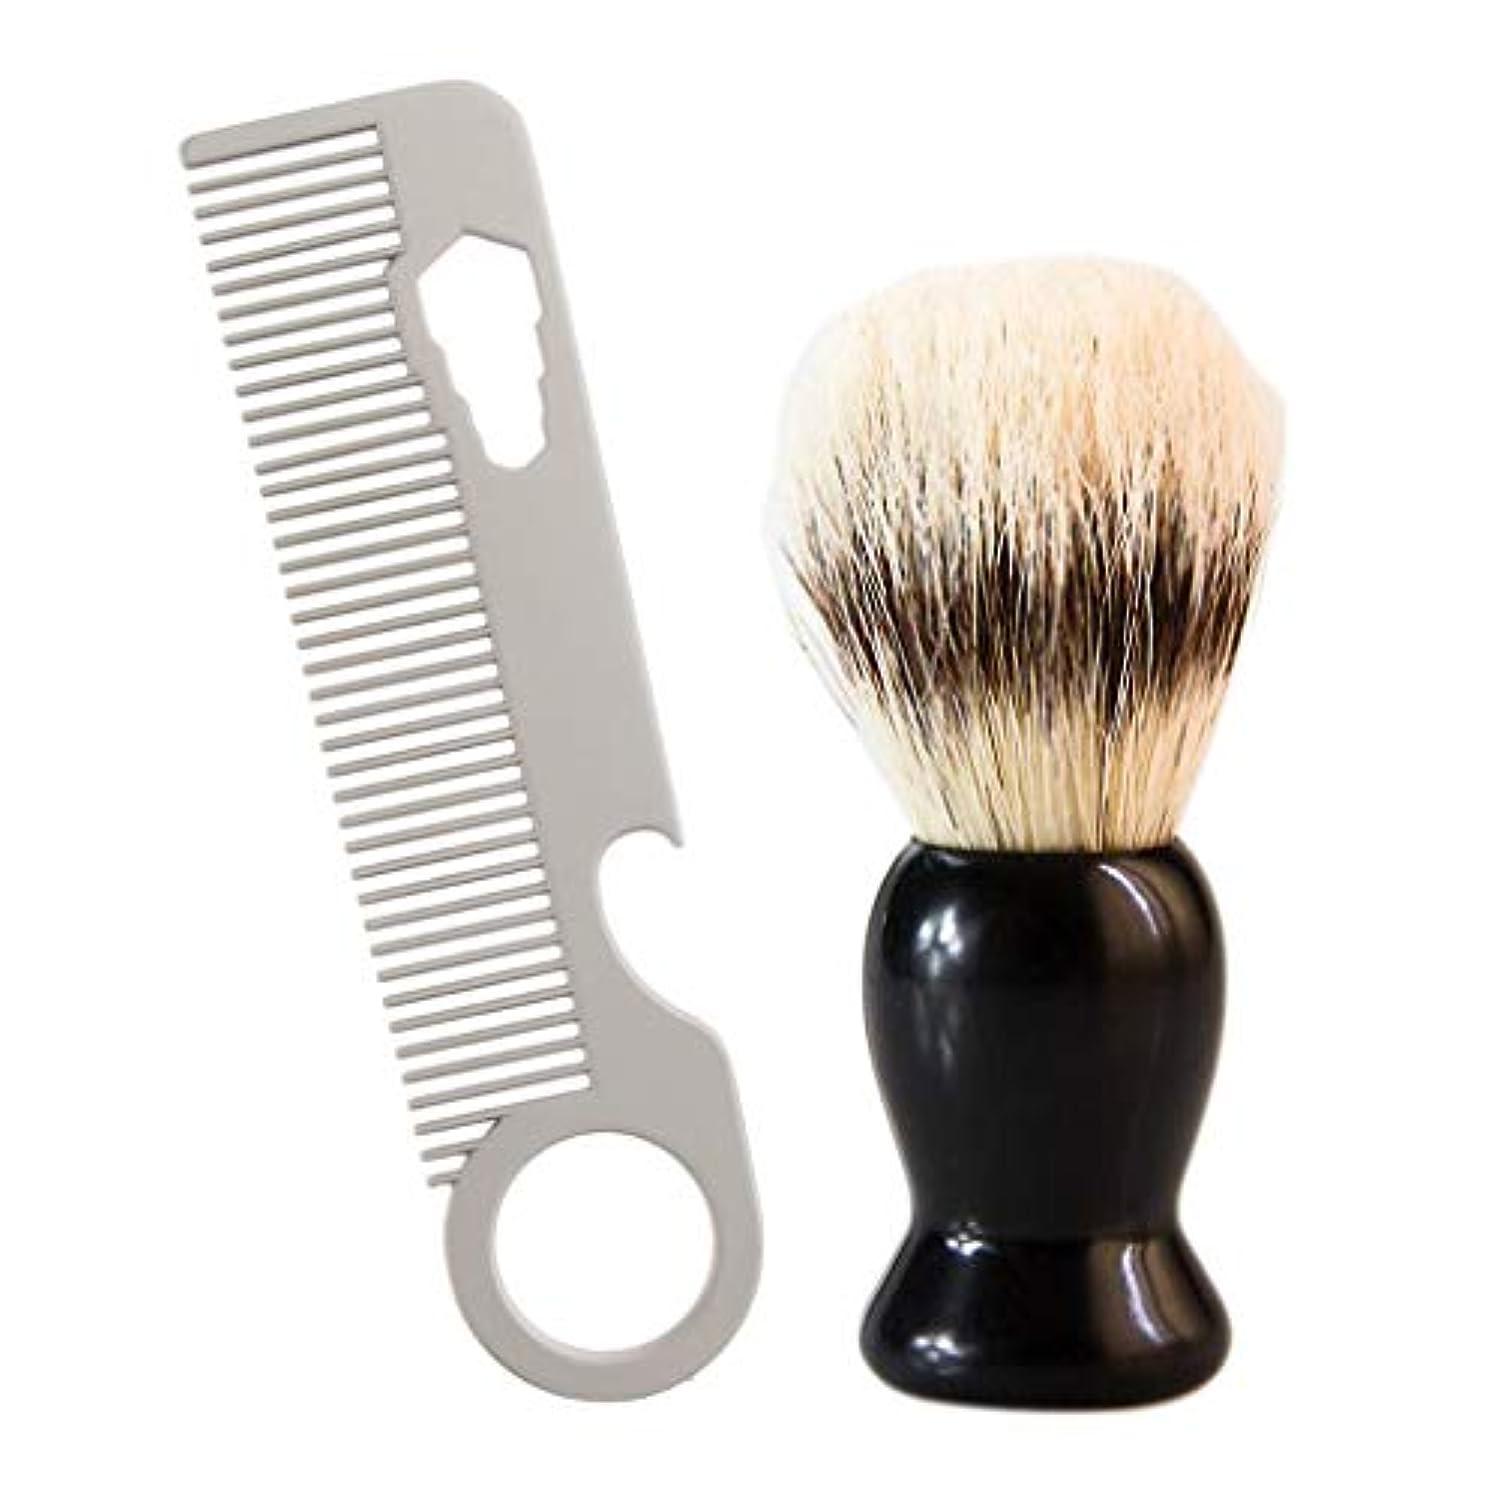 sharprepublic 2個 メンズ用 ひげ剃り櫛 シェービングブラシ 理容 洗顔 髭剃り キャンプ 旅行 家庭